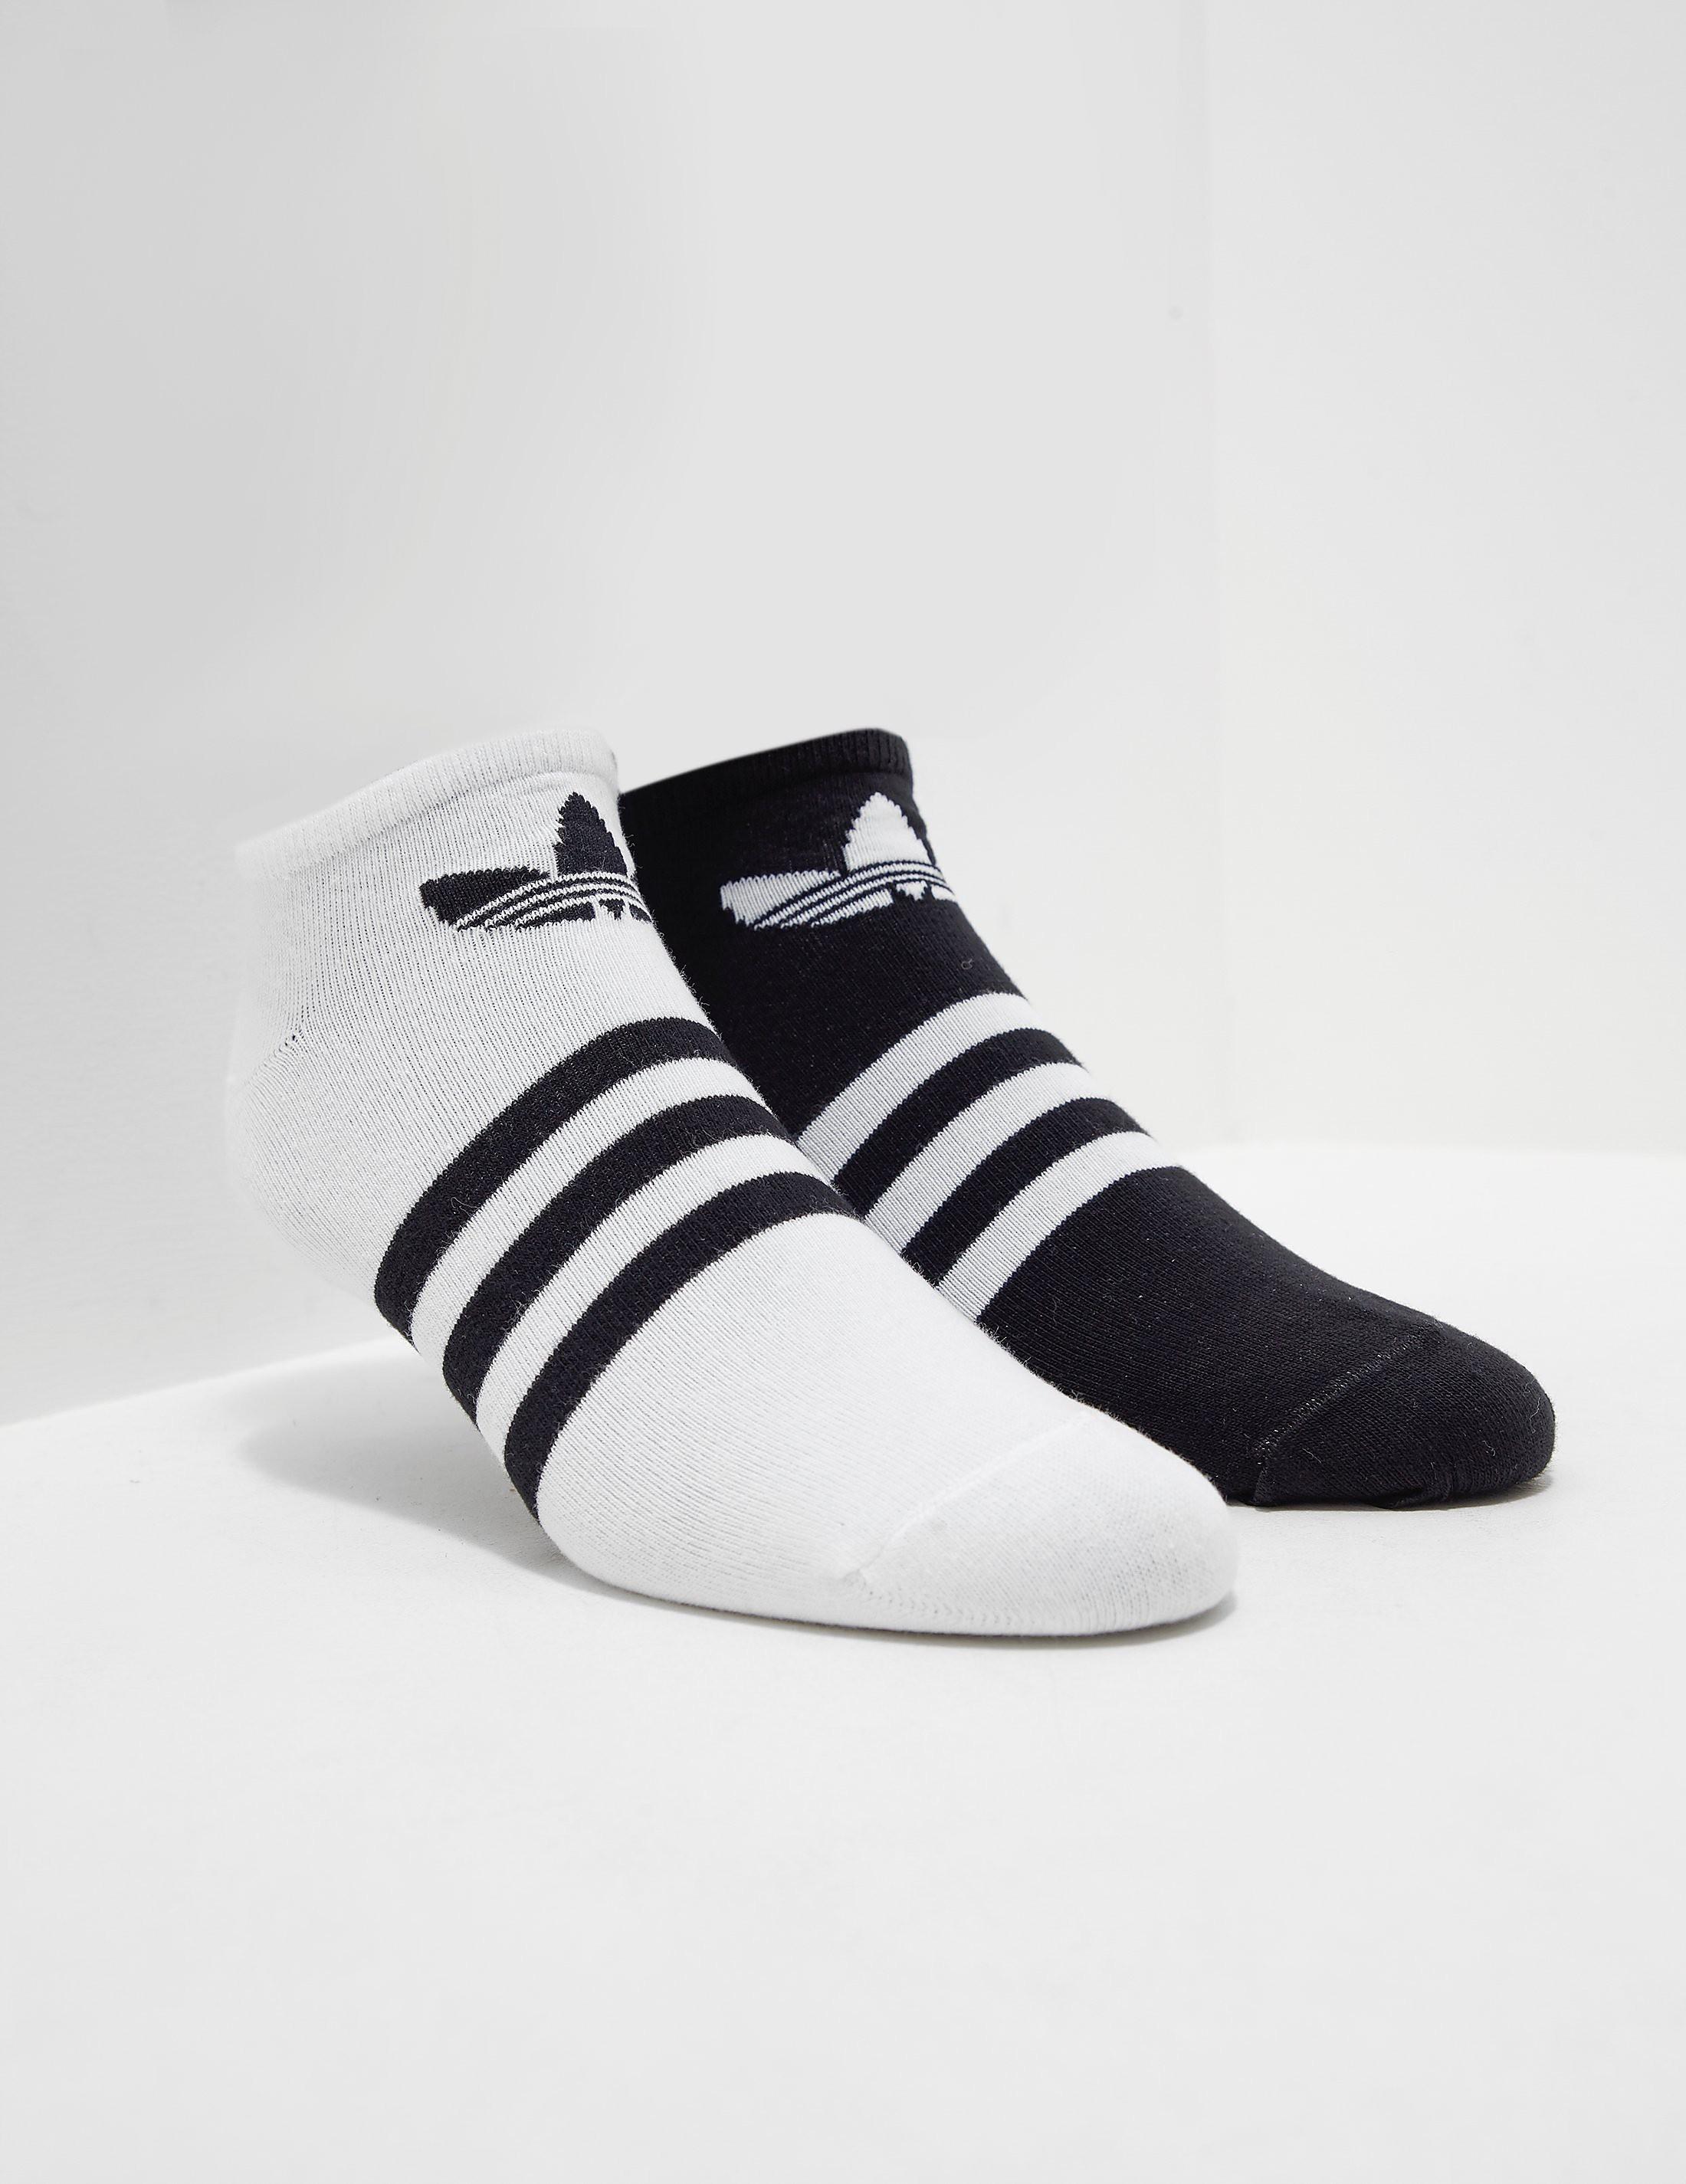 adidas Originals 2-Pack Trainer Socks